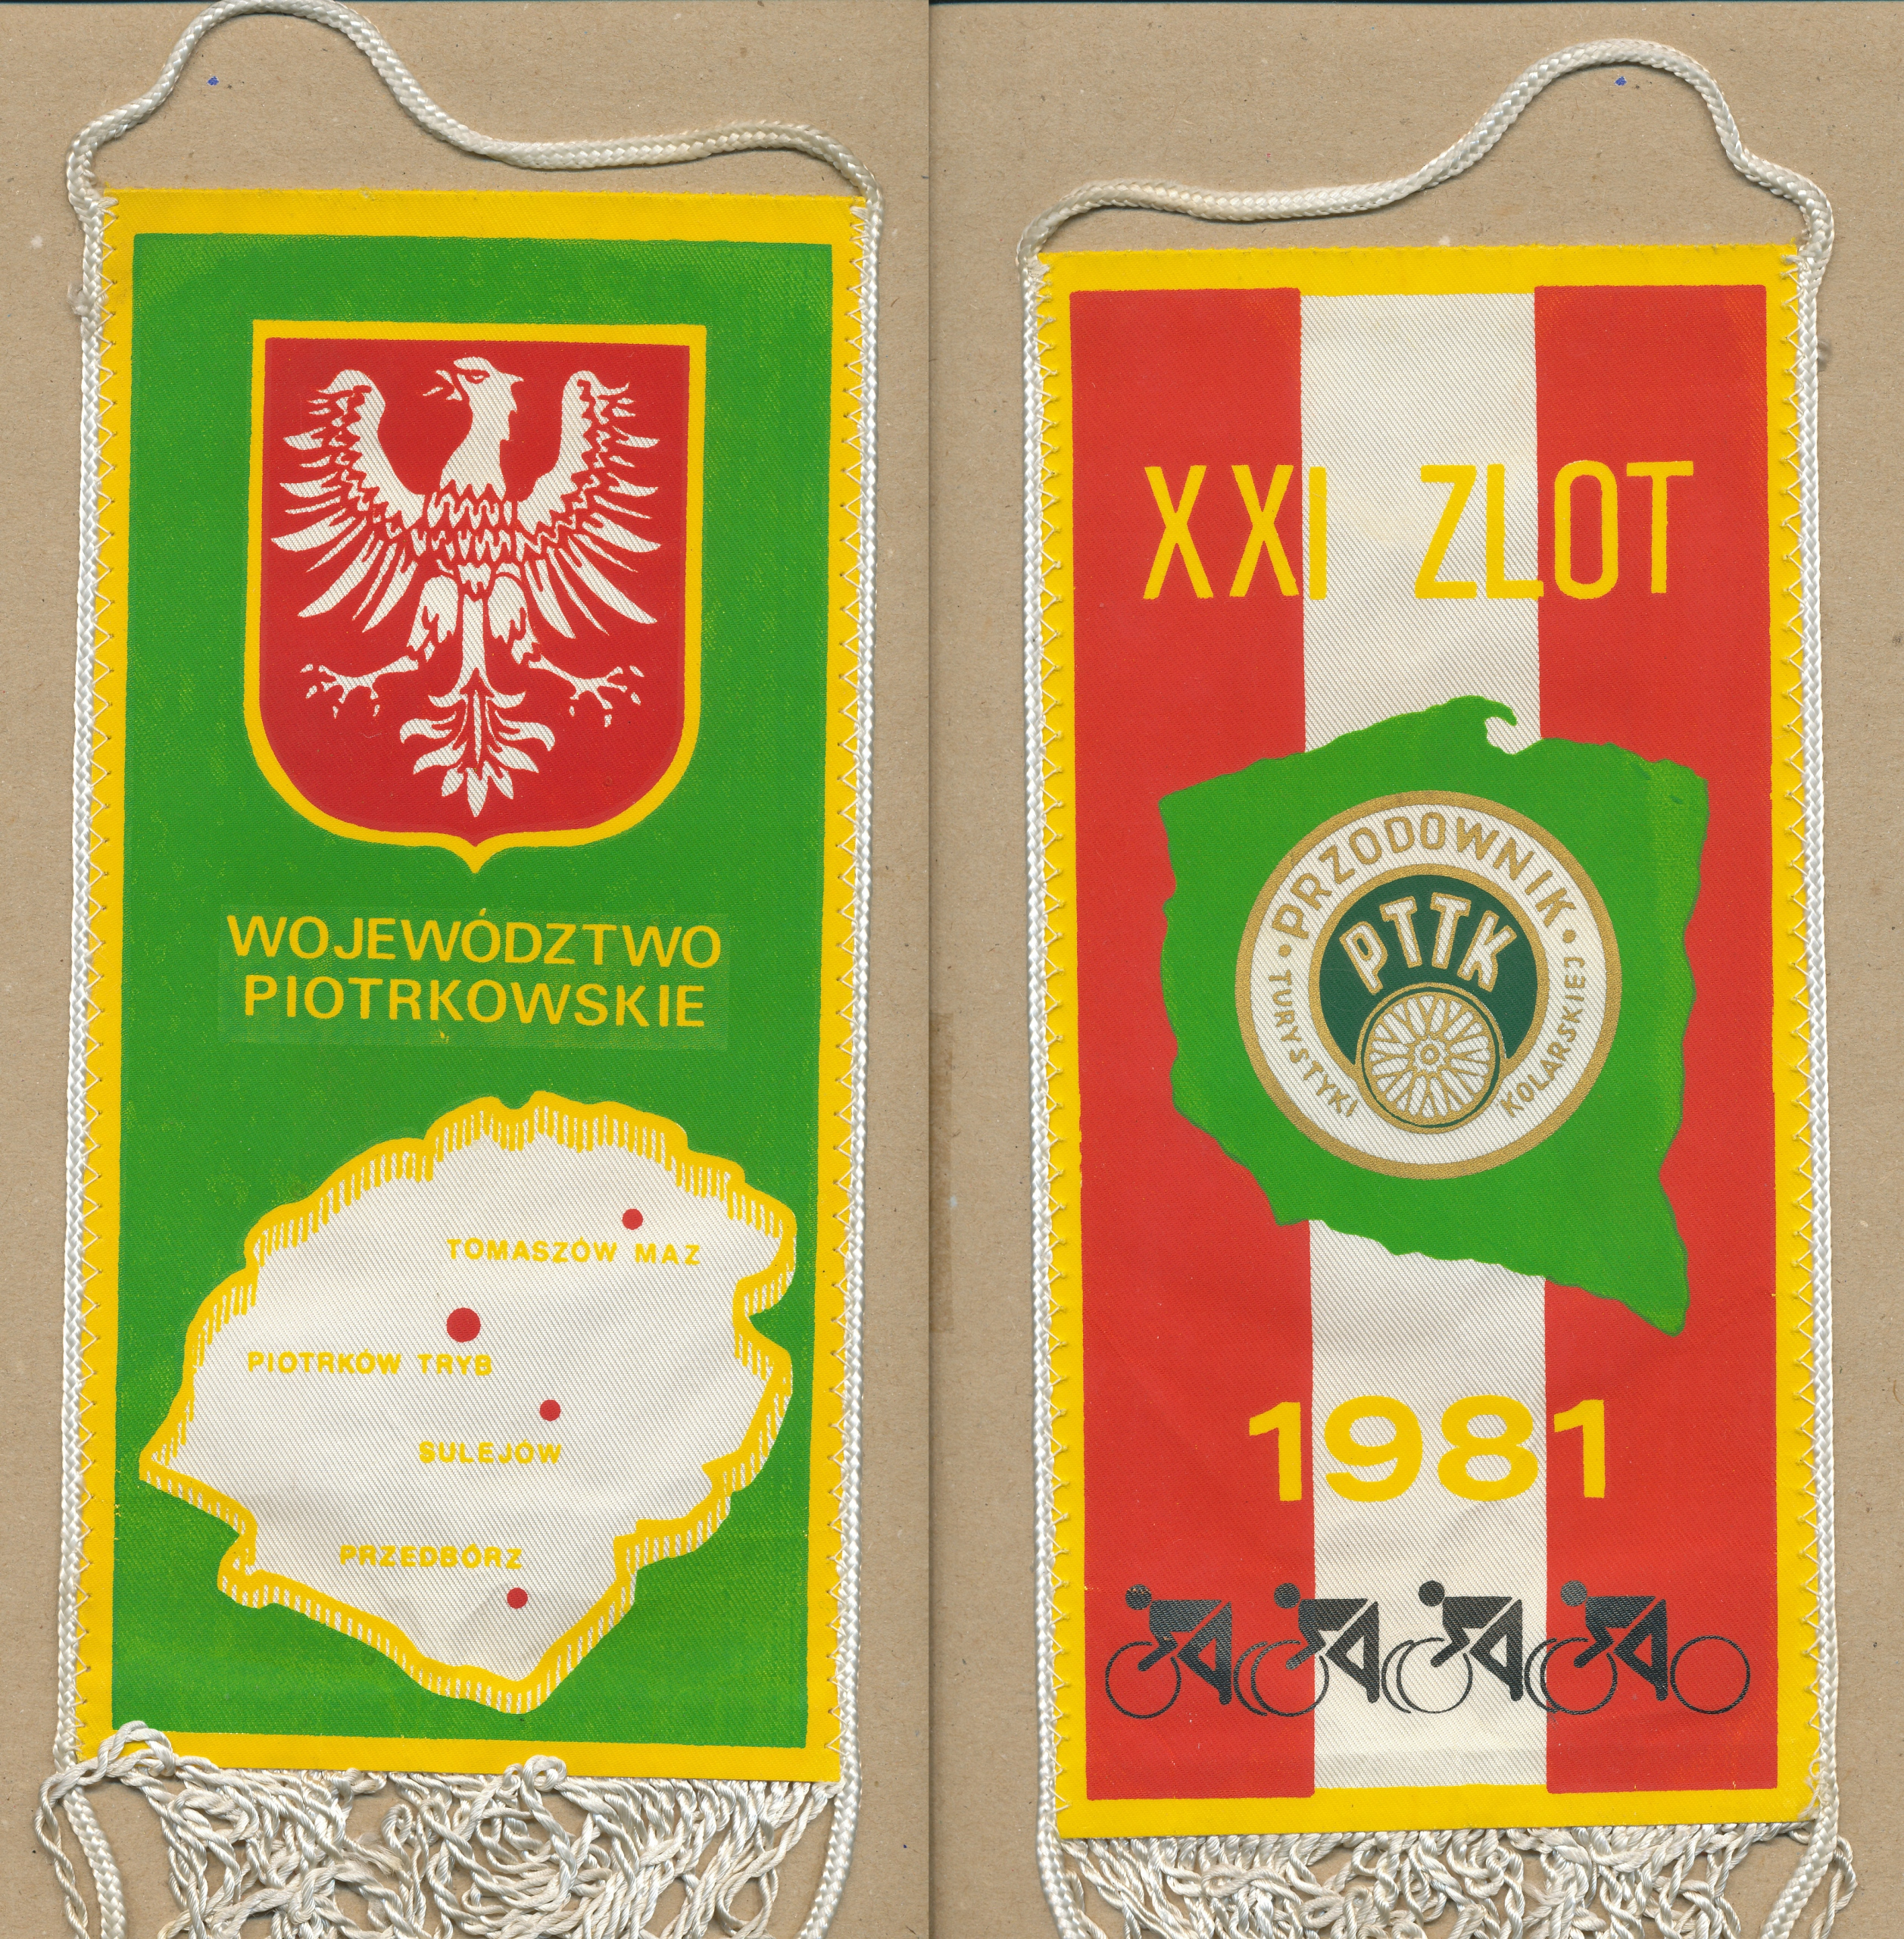 PROPORCZYK PIOTRKOWSKIE VOIVODESHIP 1981 велоспорт